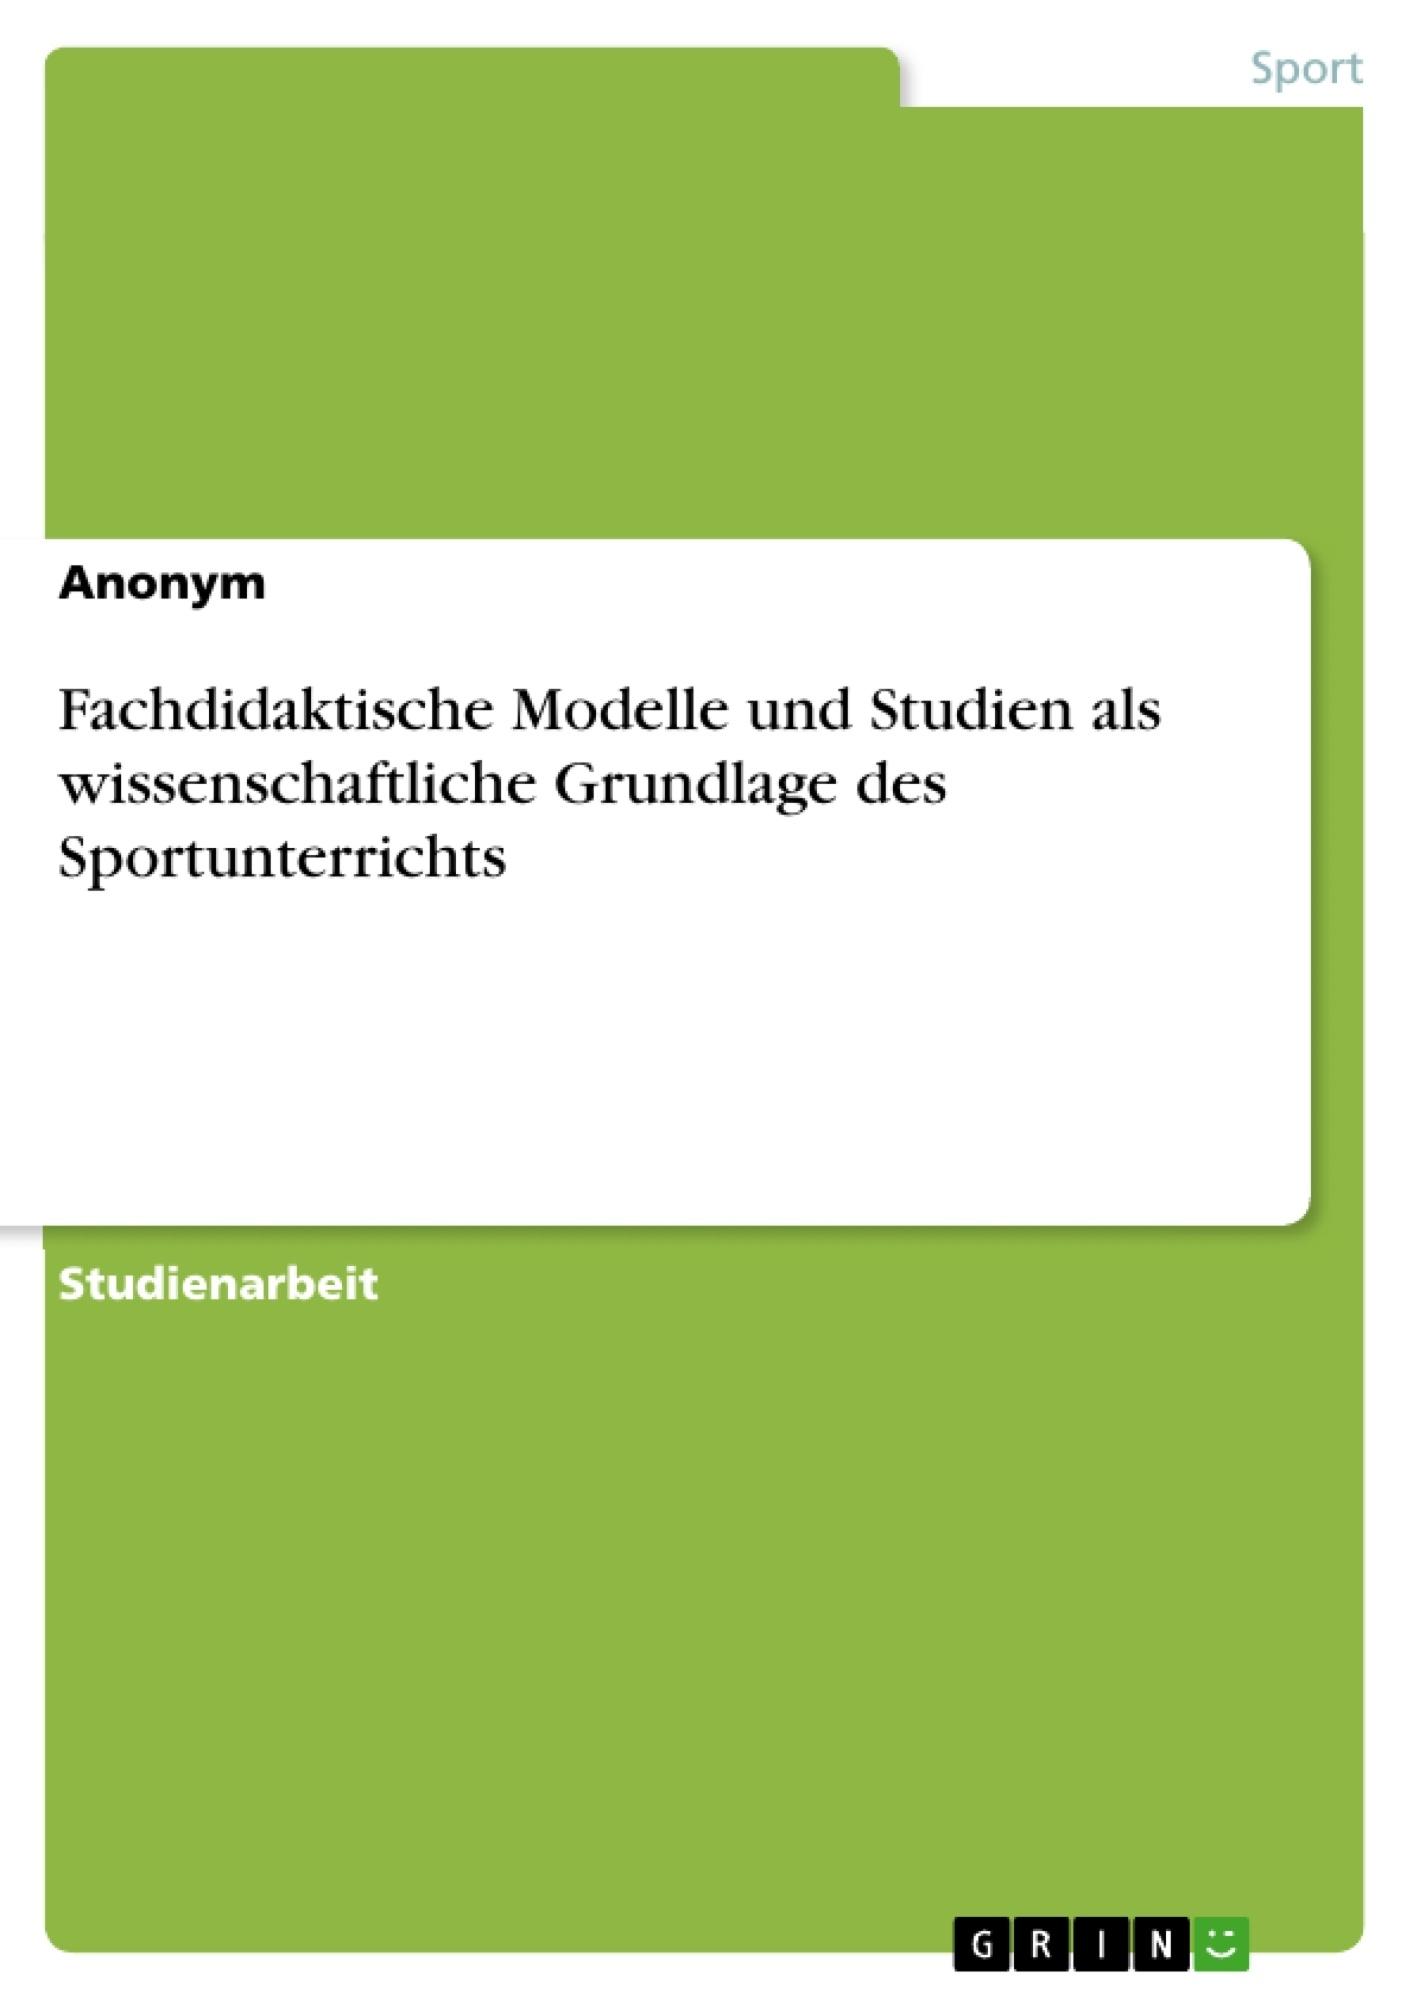 Titel: Fachdidaktische Modelle und Studien als wissenschaftliche Grundlage des Sportunterrichts